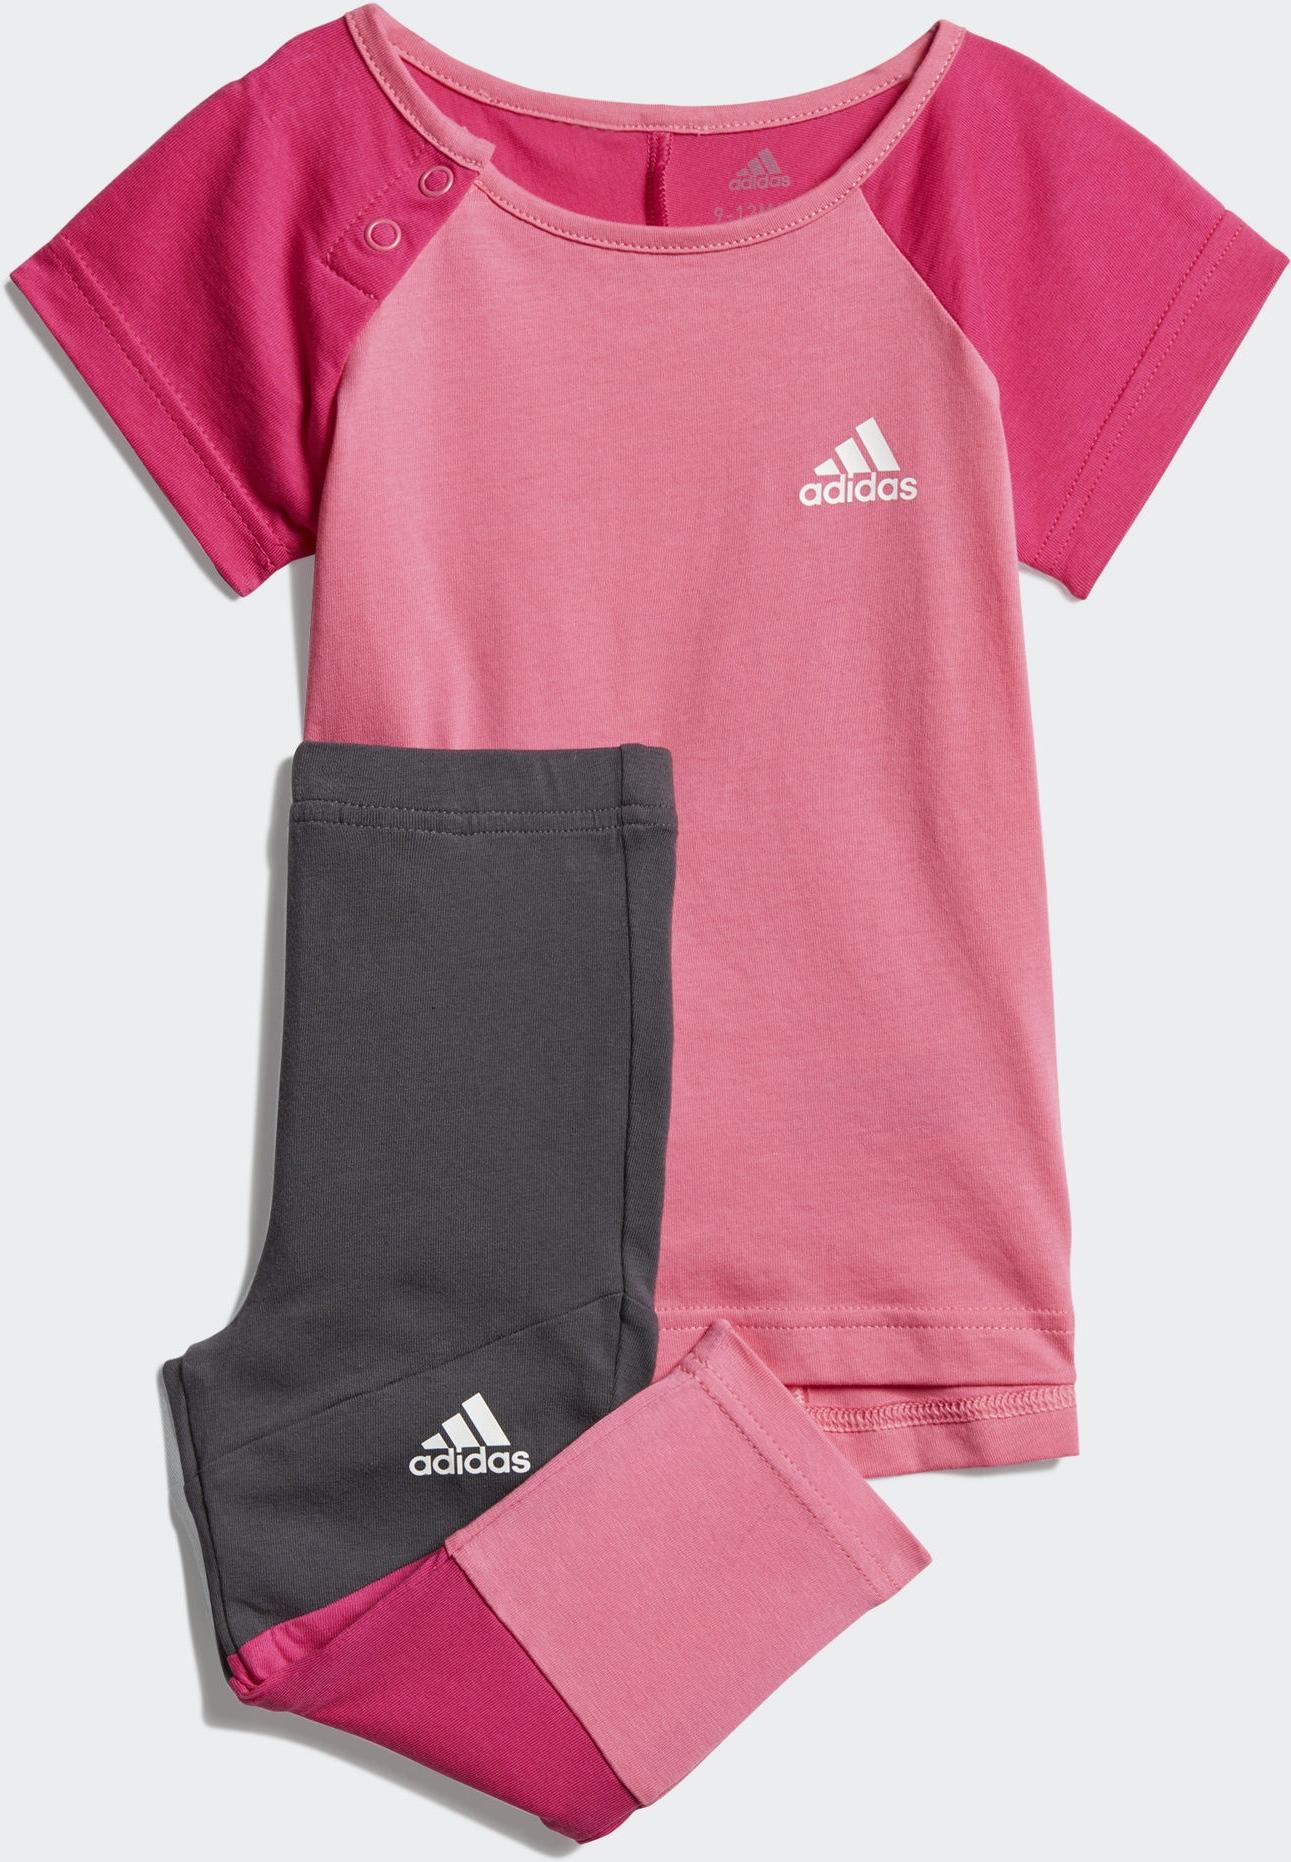 Спортивный костюм adidas I Mm Tight Set спортивный костюм для девочки adidas i mm tight set цвет розовый темно серый dv1252 размер 86